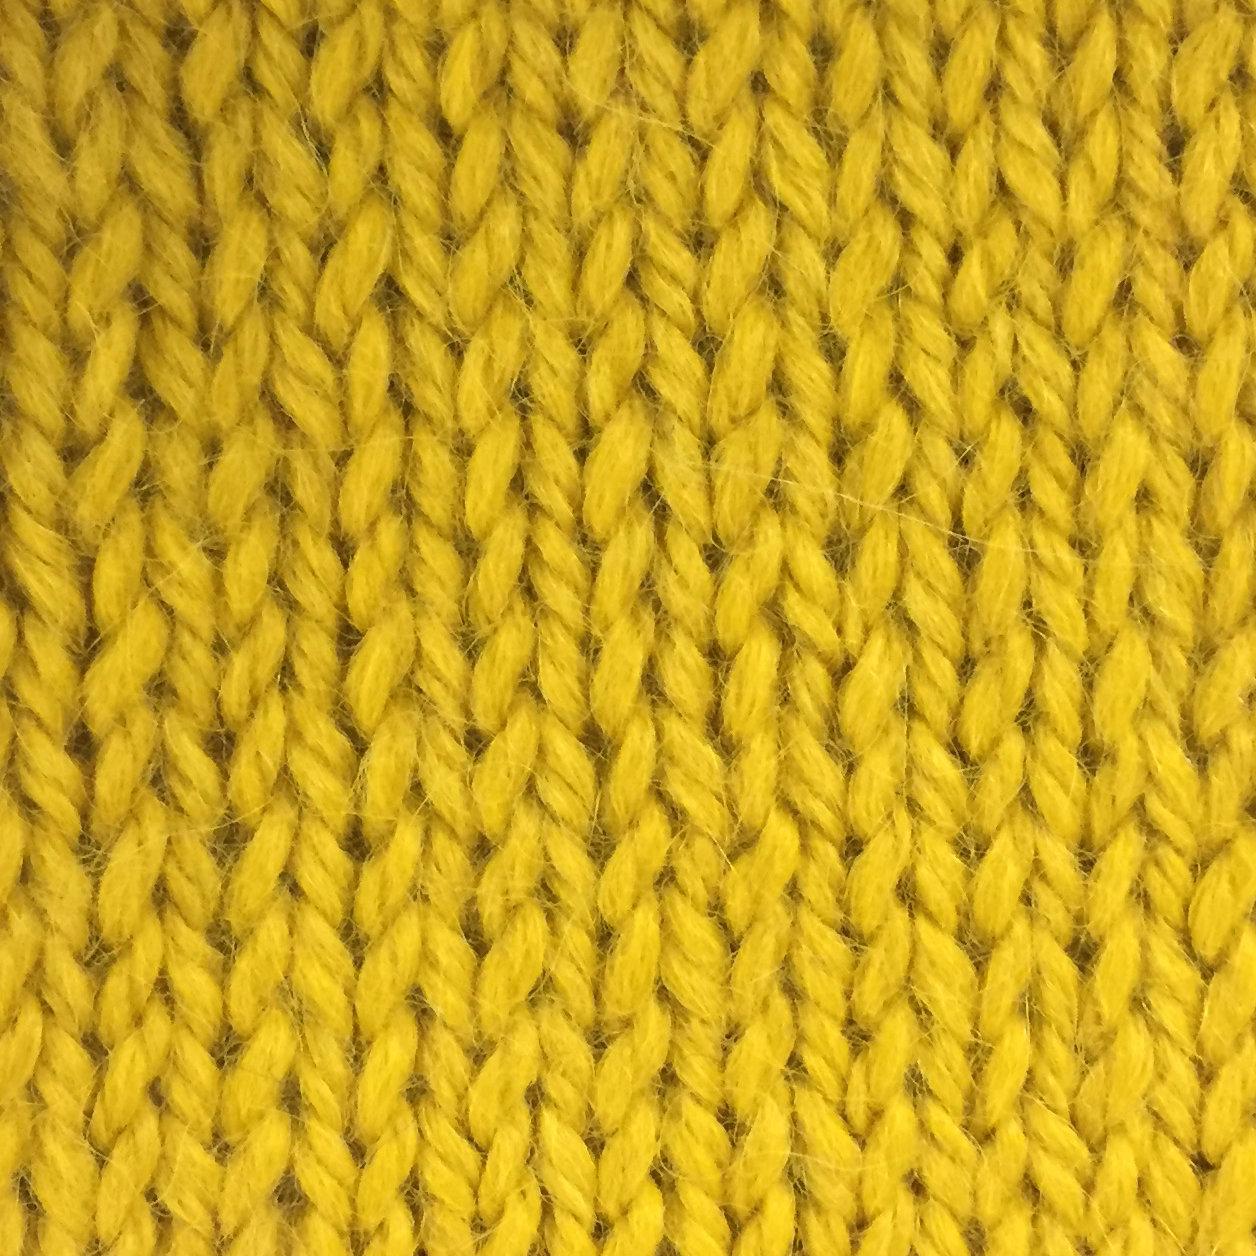 Snuggle Bulky Alpaca Blend Yarn - Sunshine